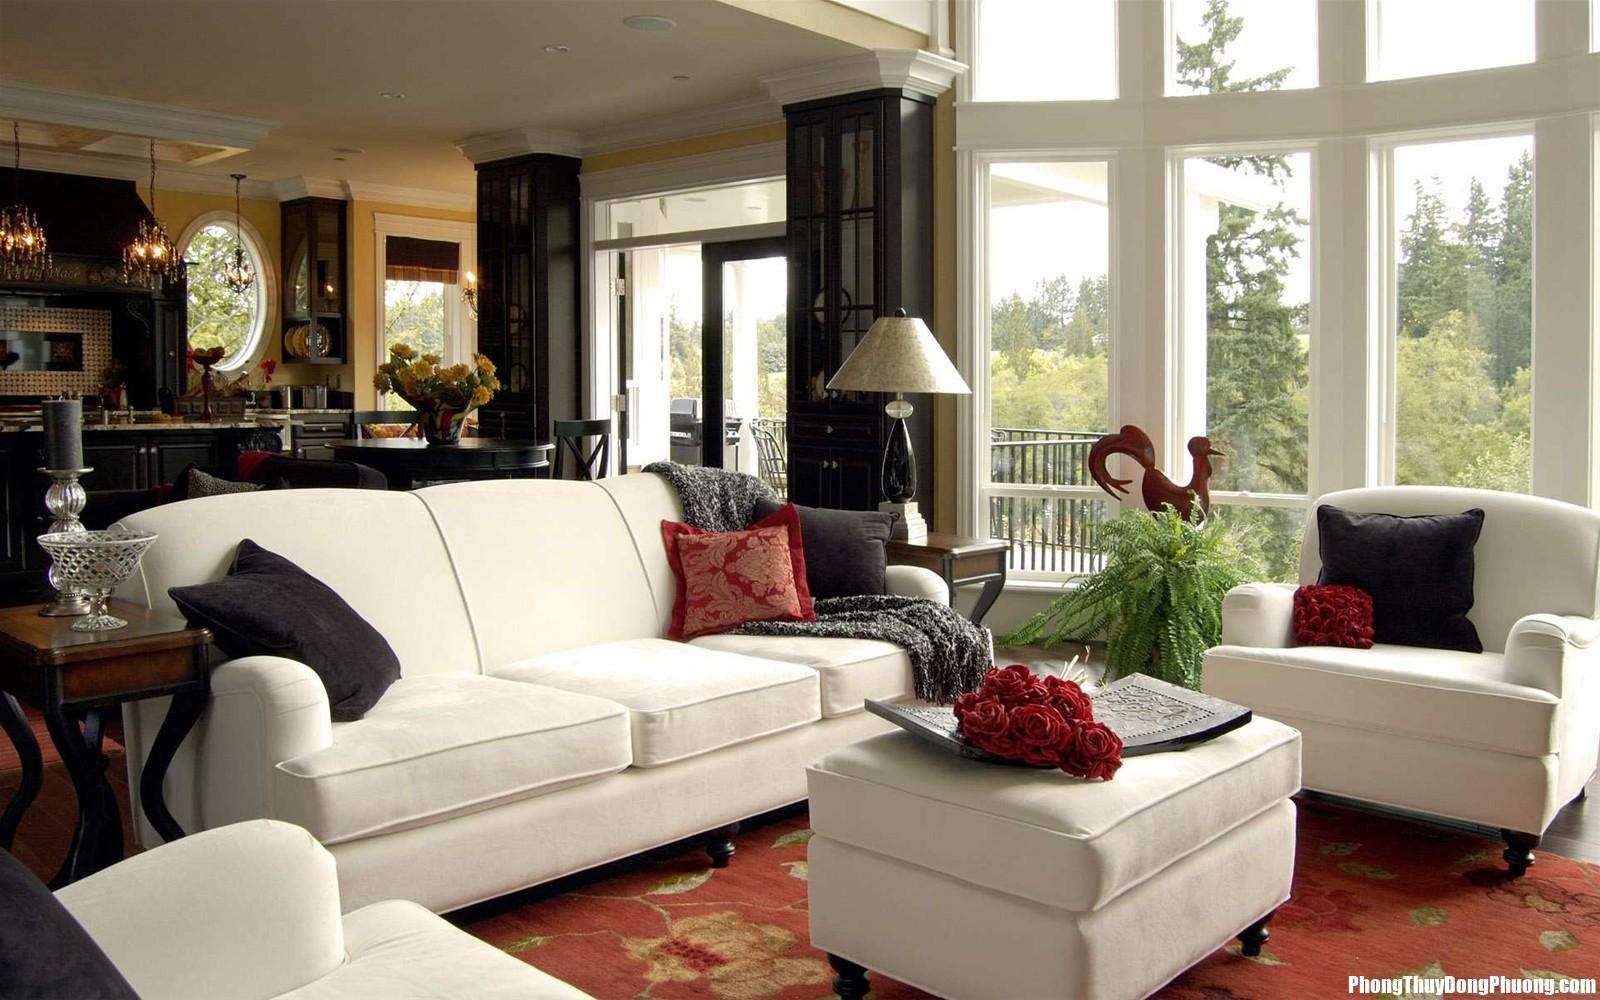 AB2 sofa1 Cách đặt sofa hút may mắn và tài lộc cho gia chủ